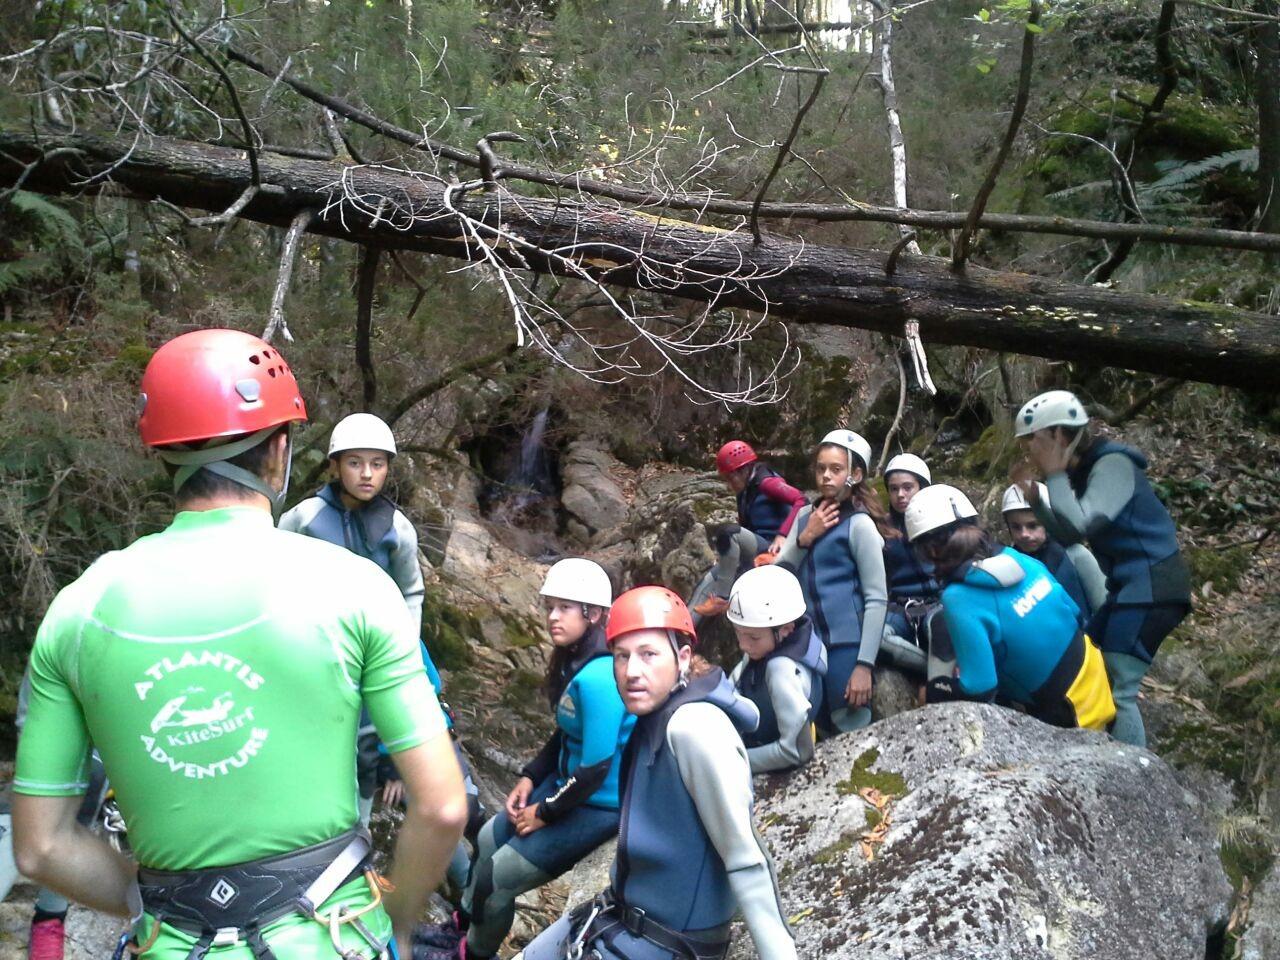 Treeking_coasteering